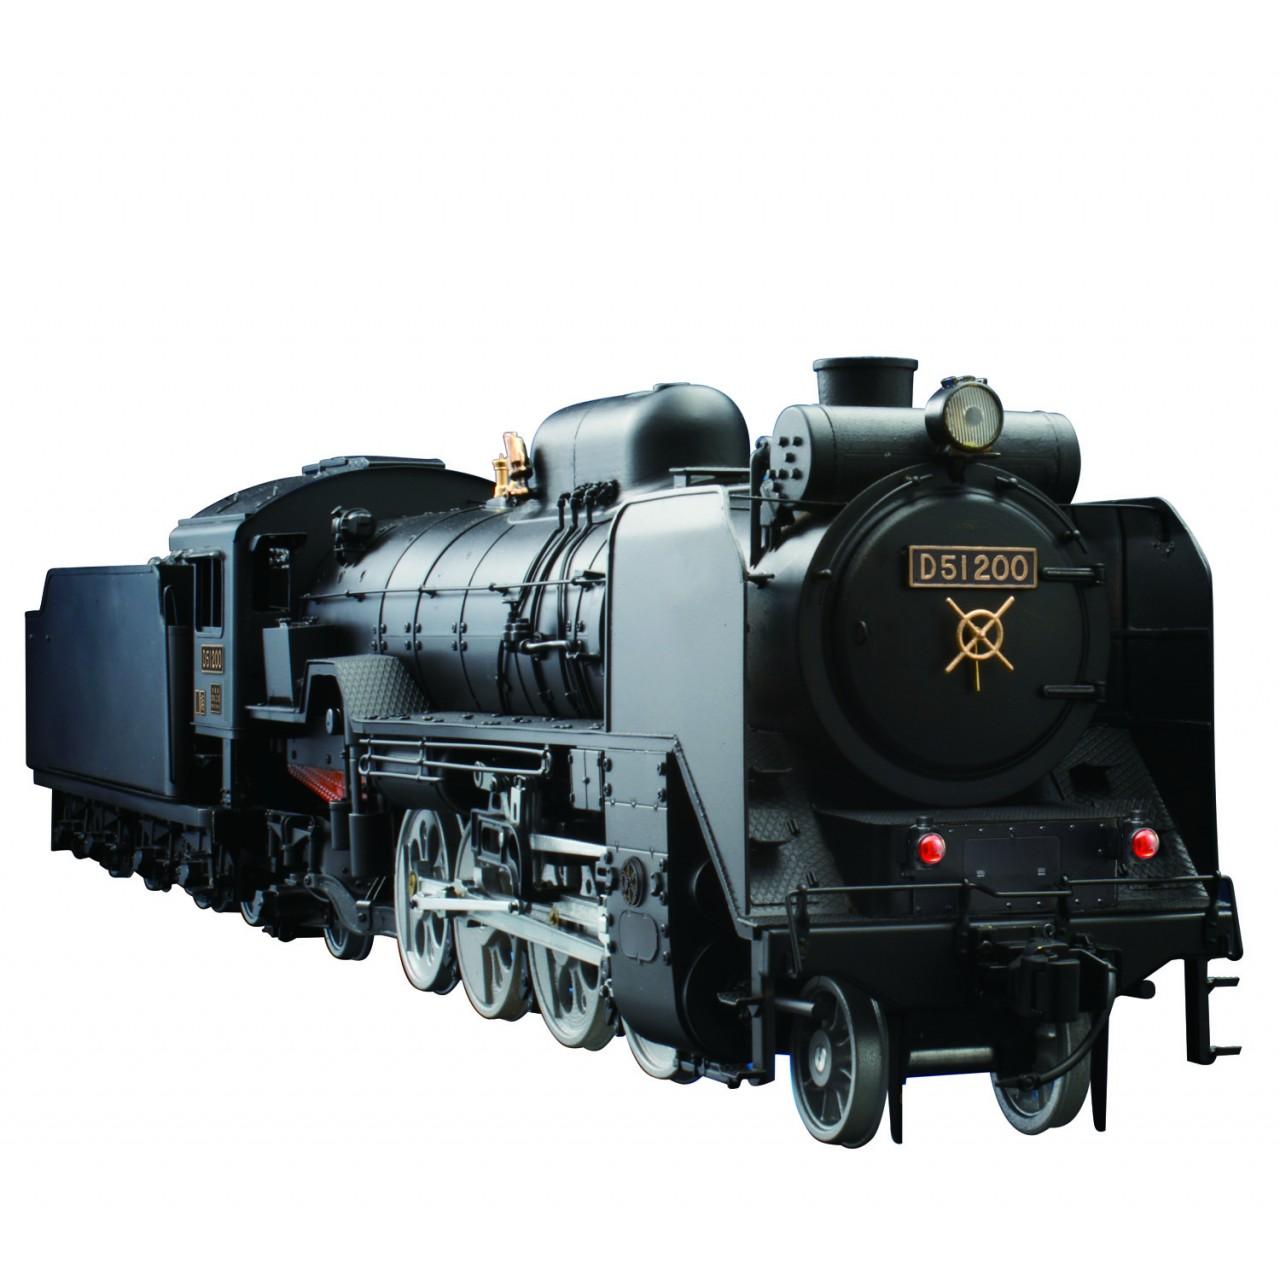 D51 200   1:24 Model   Full Kit